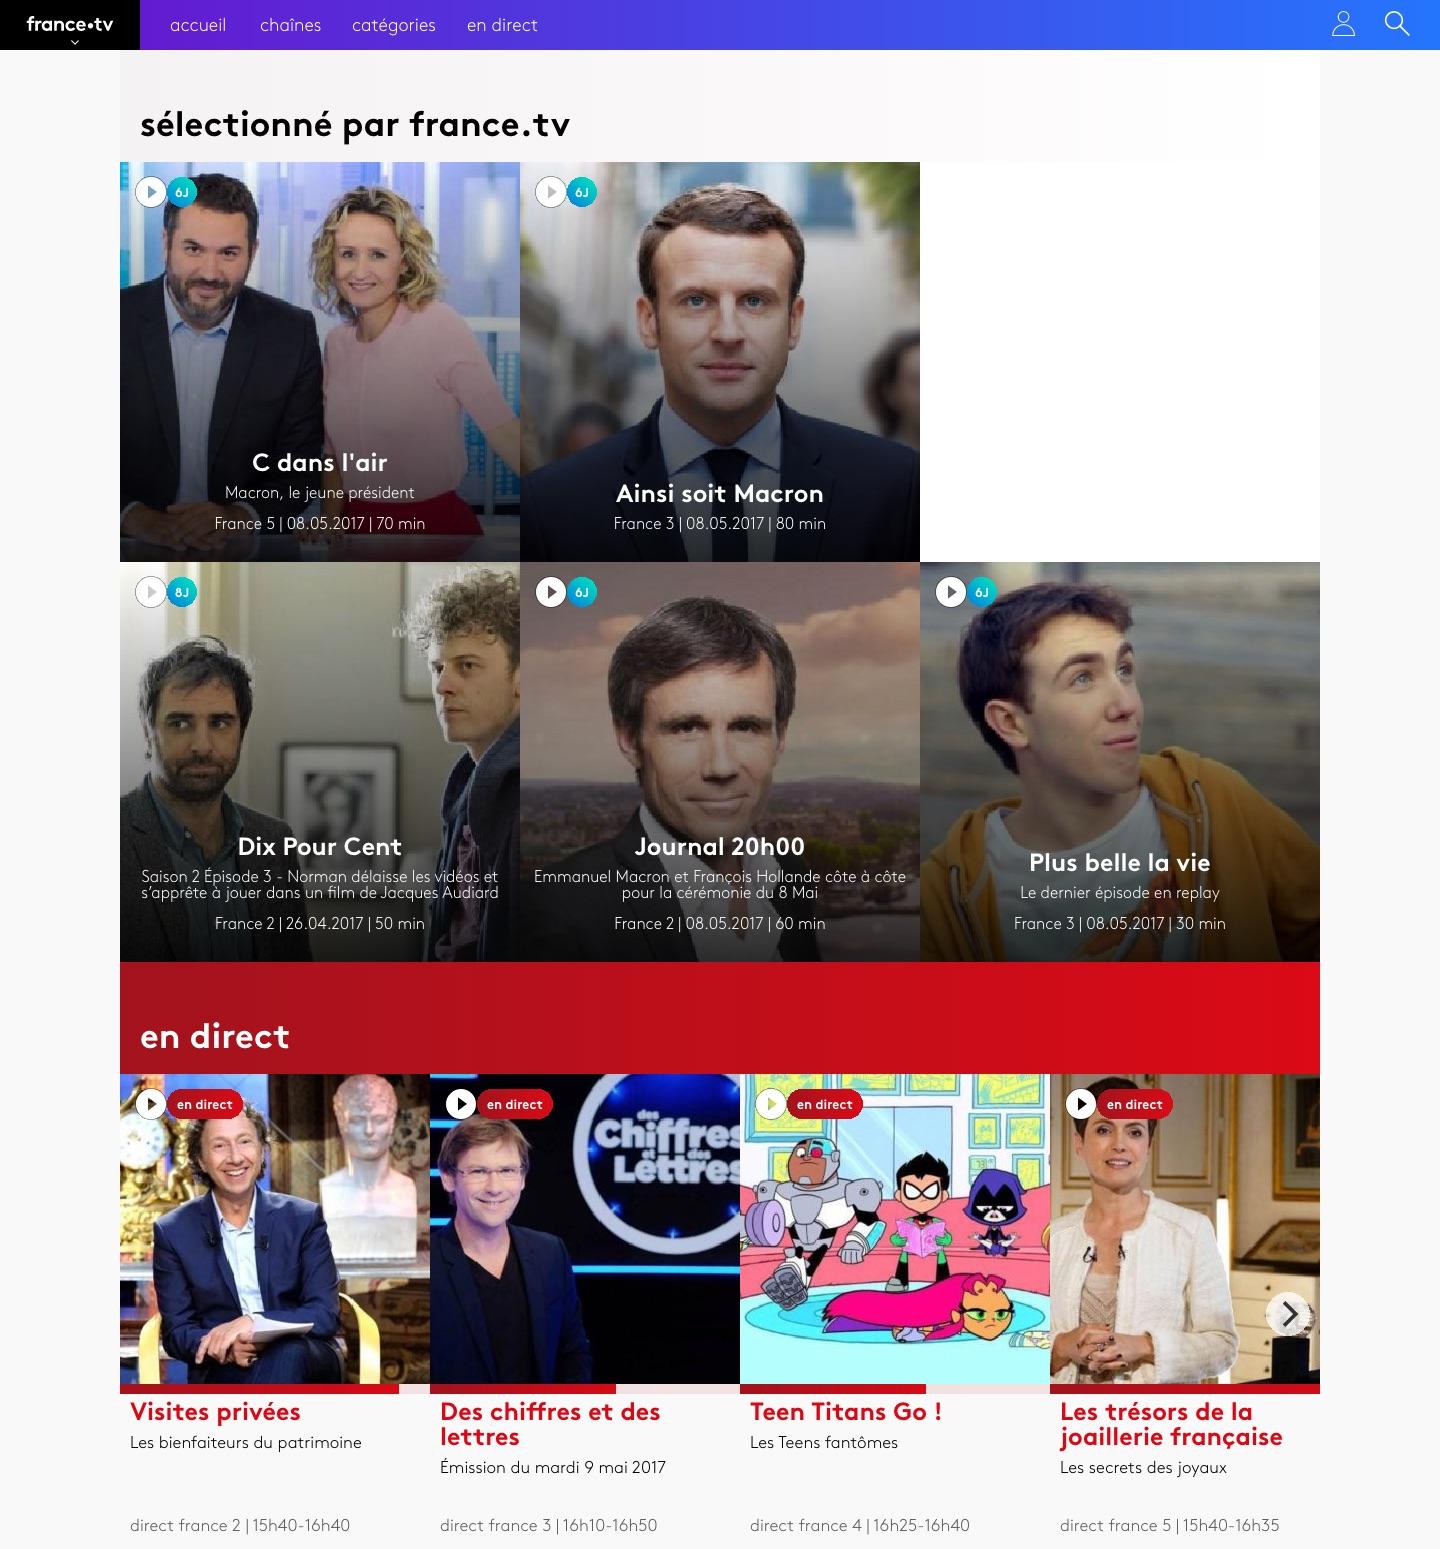 Voici france.tv, le service de replay moderne qui remplace Pluzz